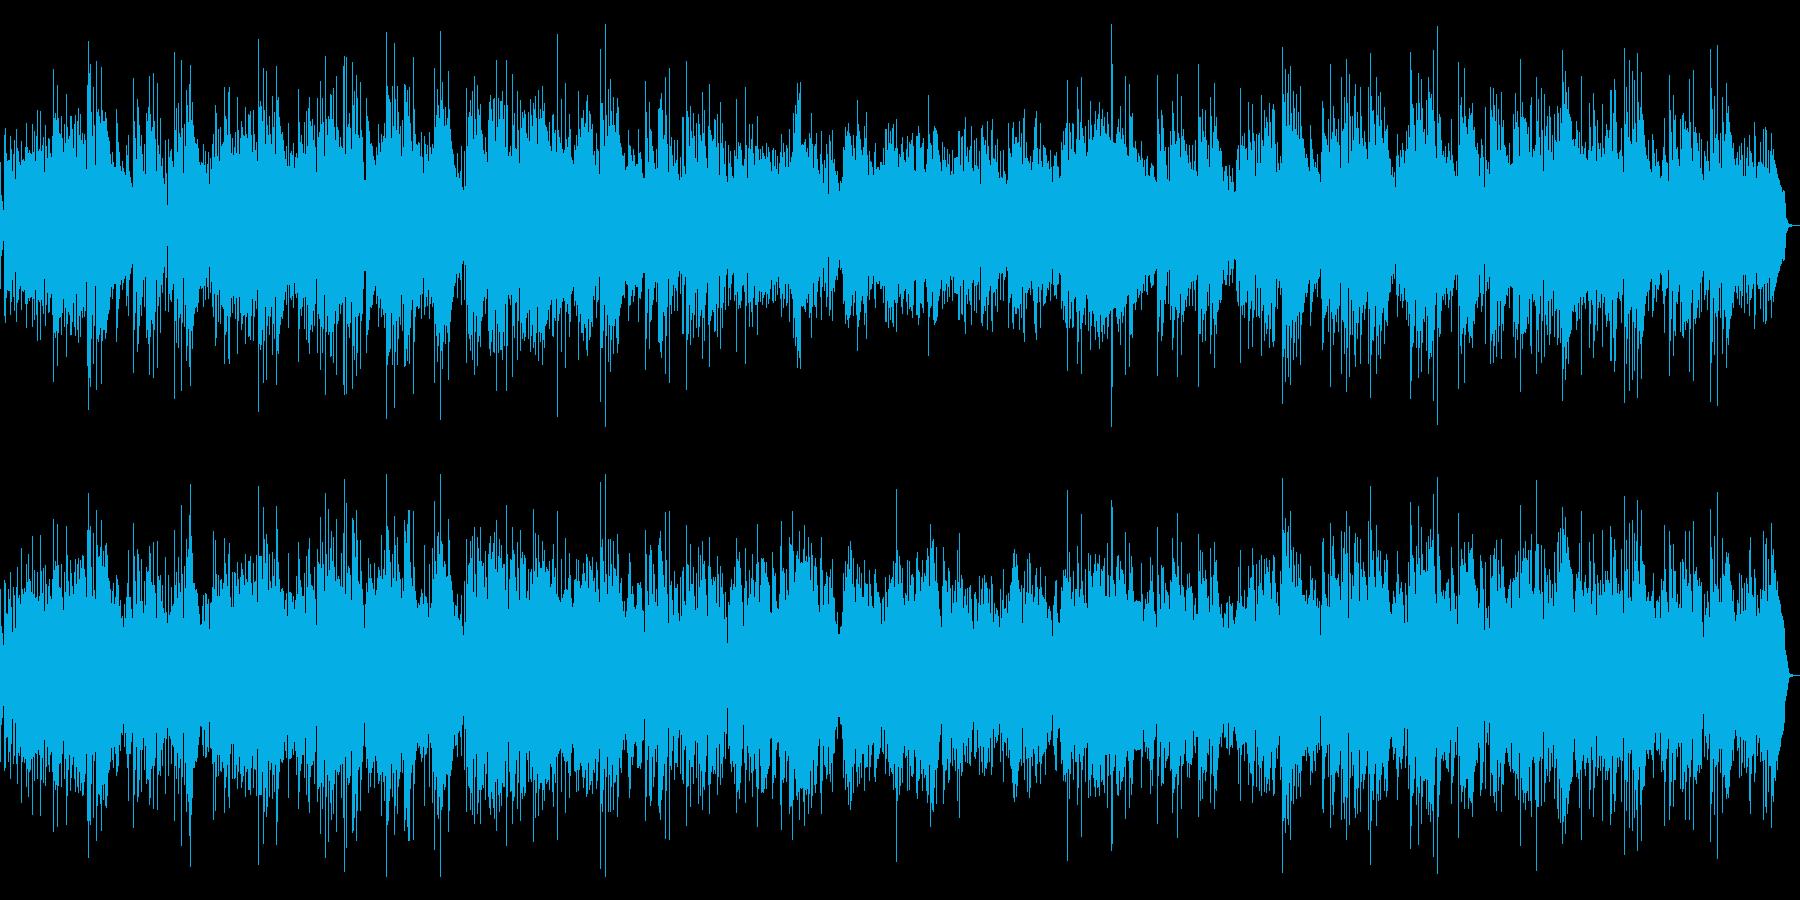 エレキギターの明るいゆったりポップの再生済みの波形